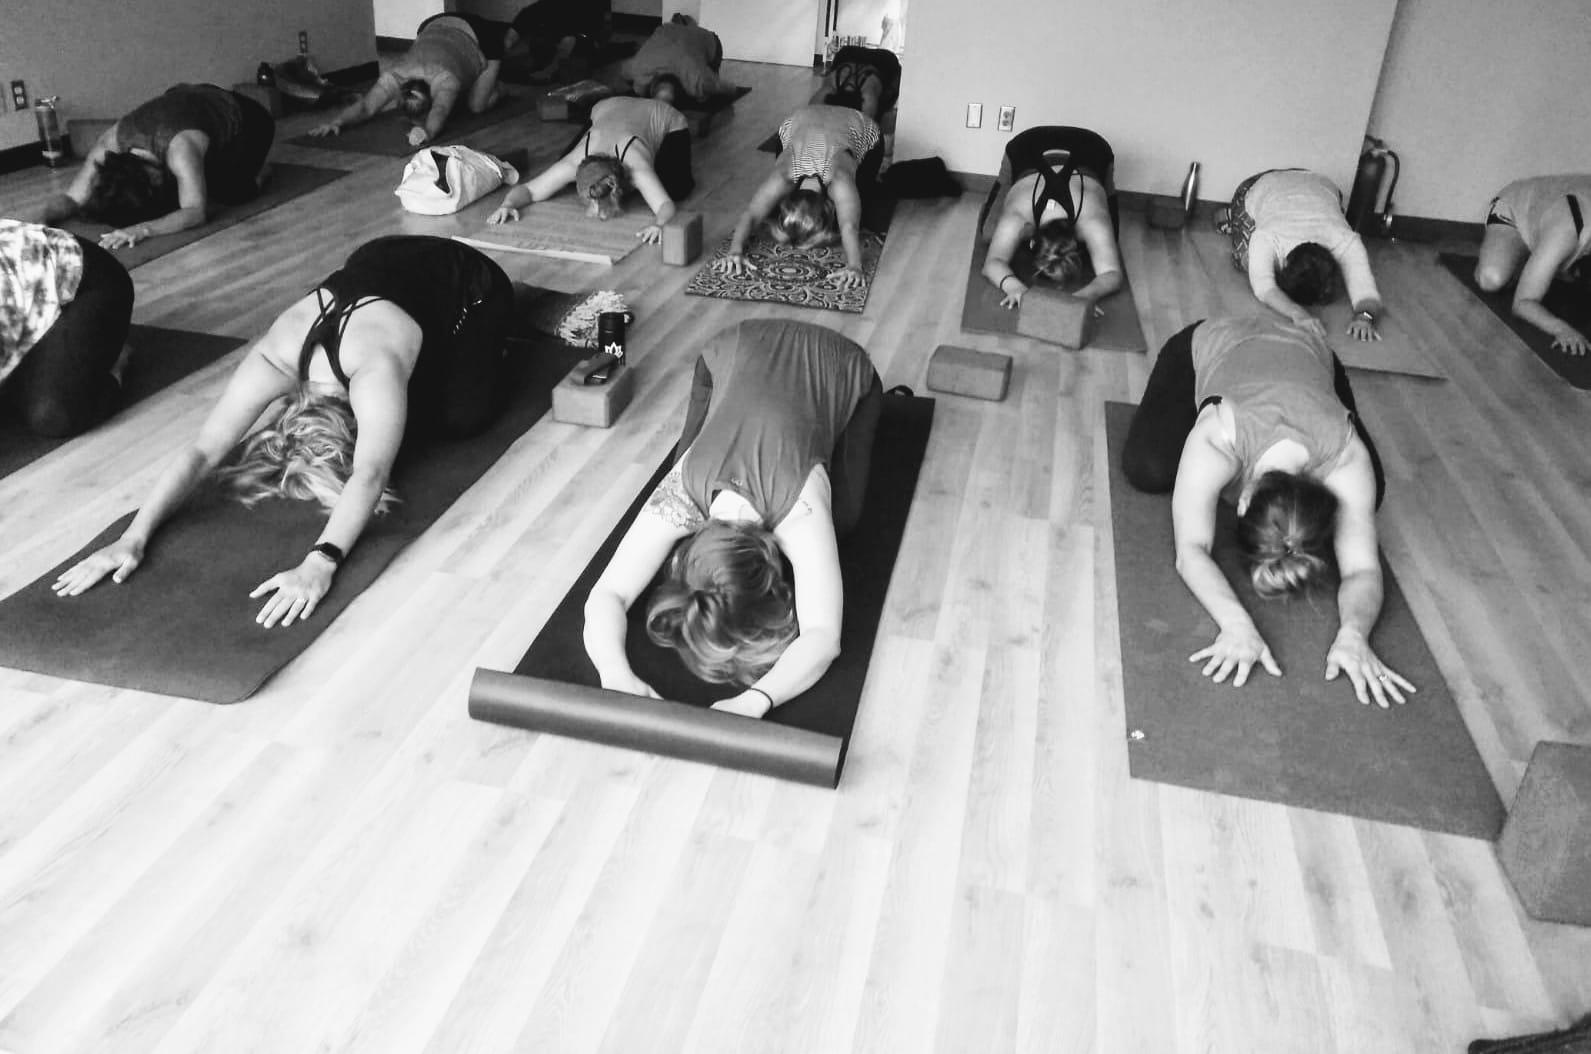 yogpic